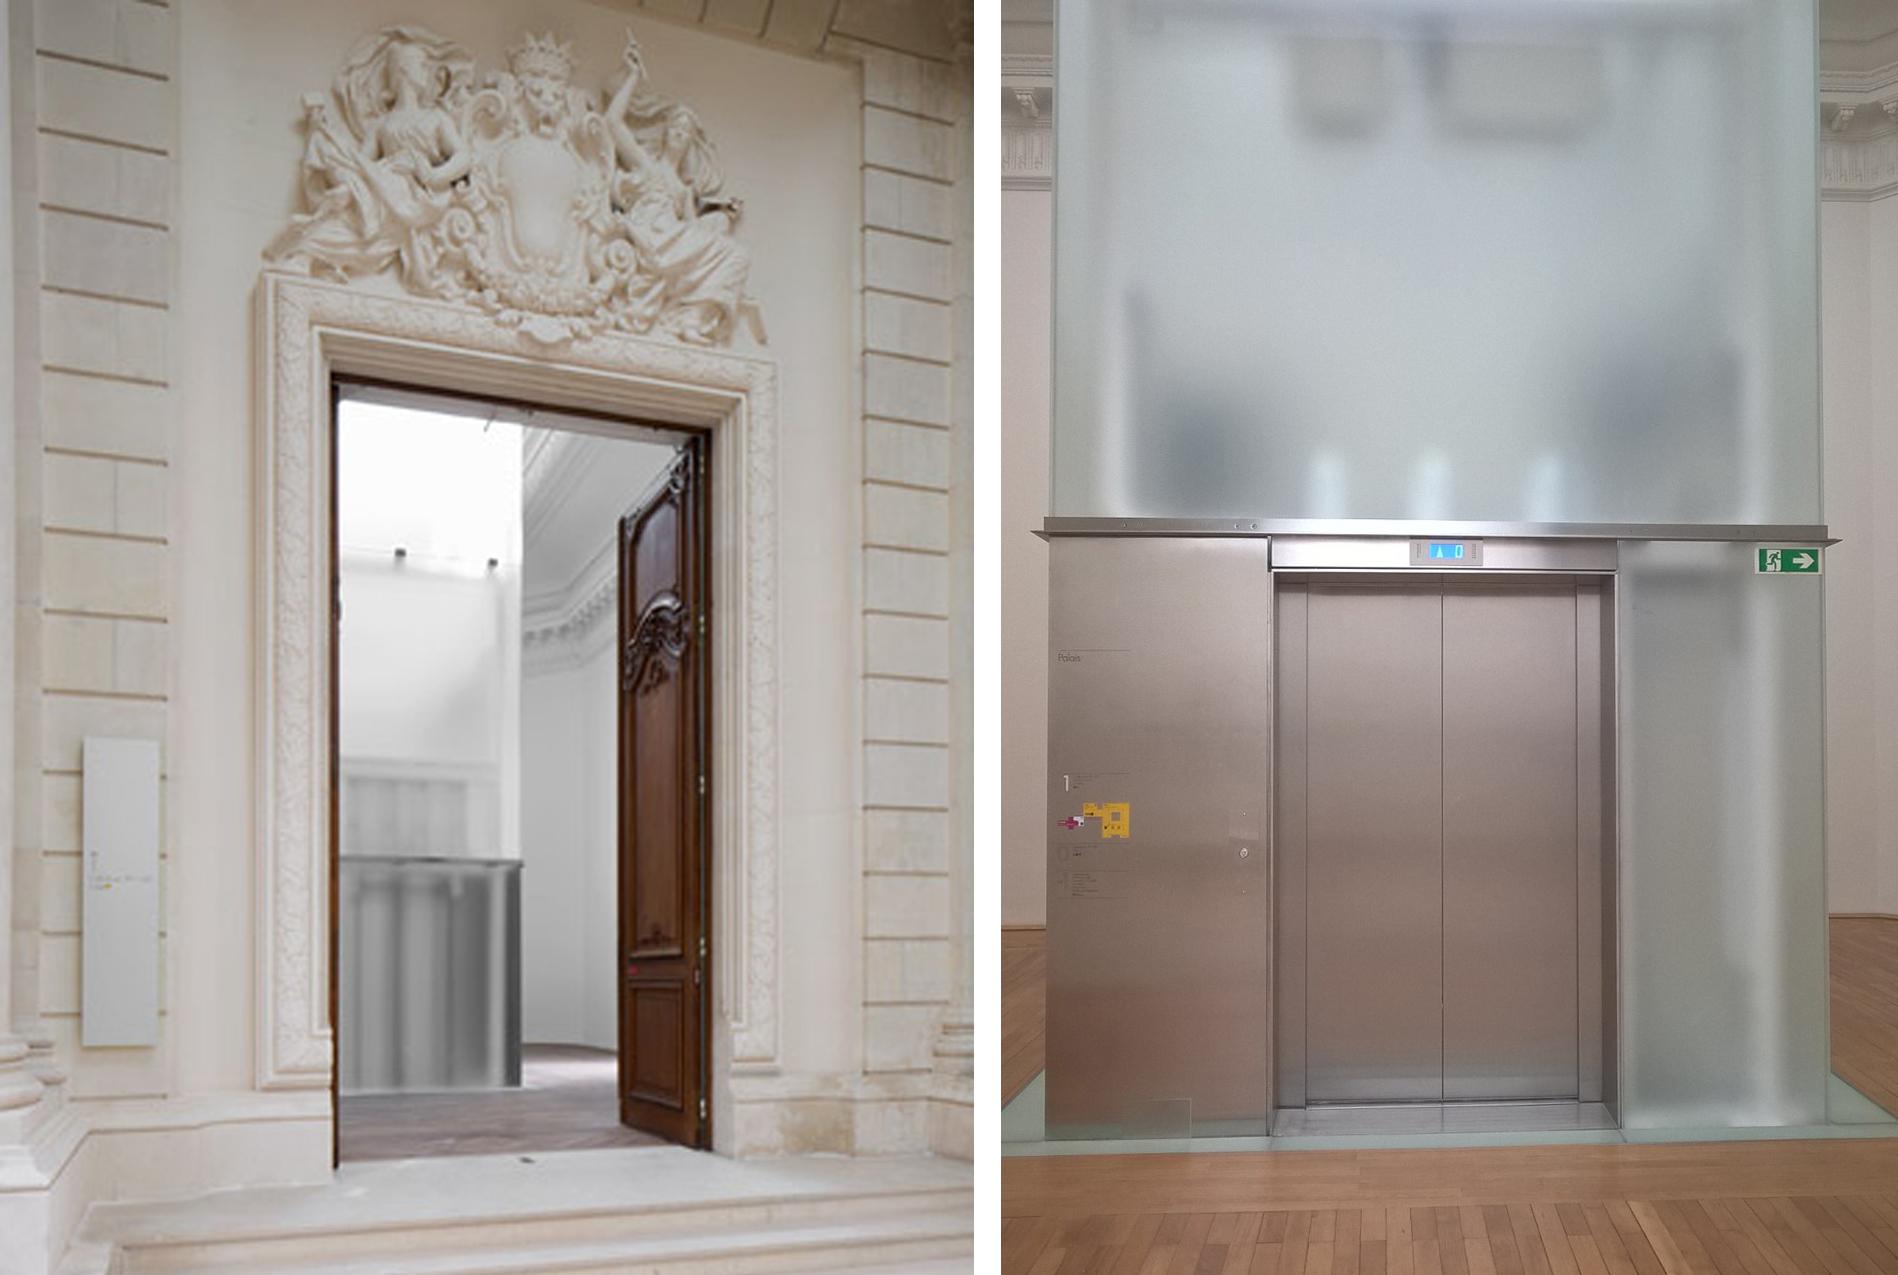 Intégration de l'ascenseur dans le bâtiment existant. Crédit photographique de la photo 1 : Stefano Graziani. Crédit photographique de la photo 2 : Clémentine Laurent-Polz.